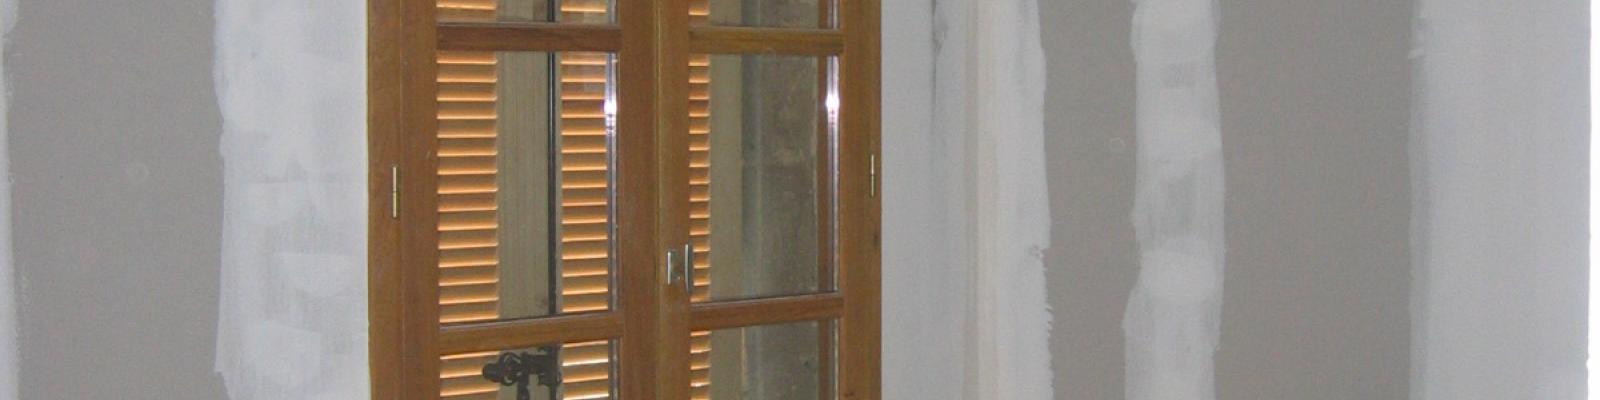 Pose de fen tres et portes fen tres bois travaux for Pose porte fenetre renovation